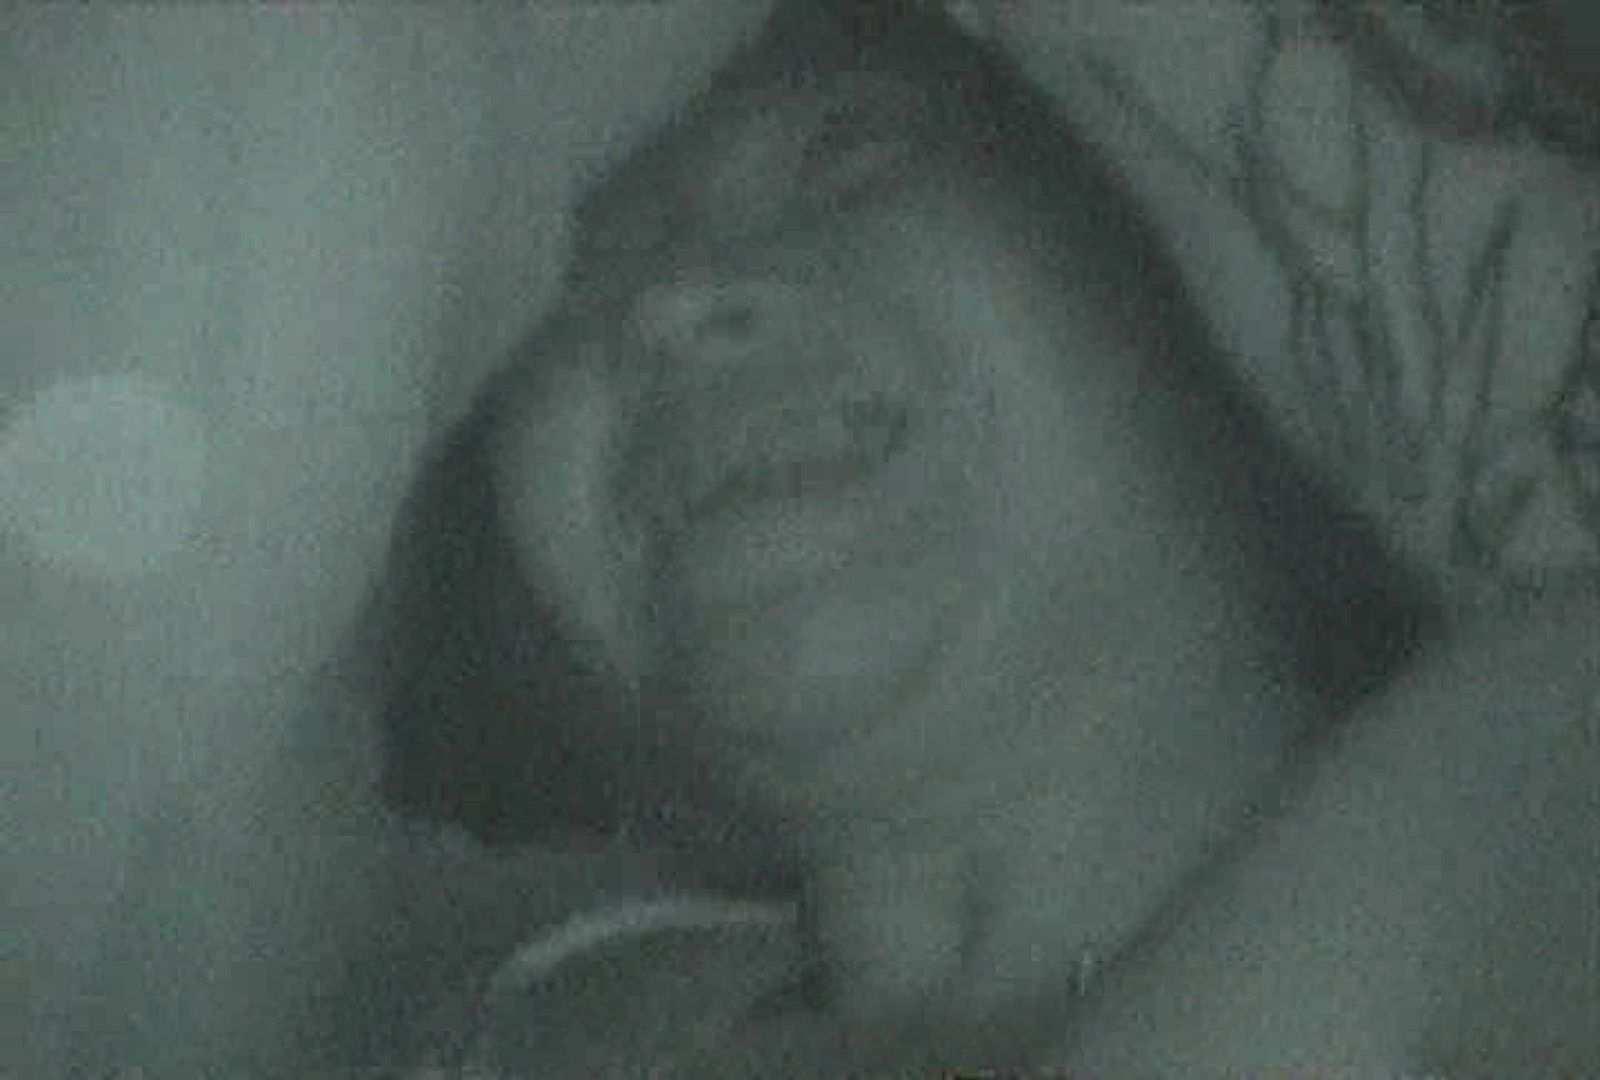 充血監督の深夜の運動会Vol.62 エッチなセックス オメコ無修正動画無料 77画像 65